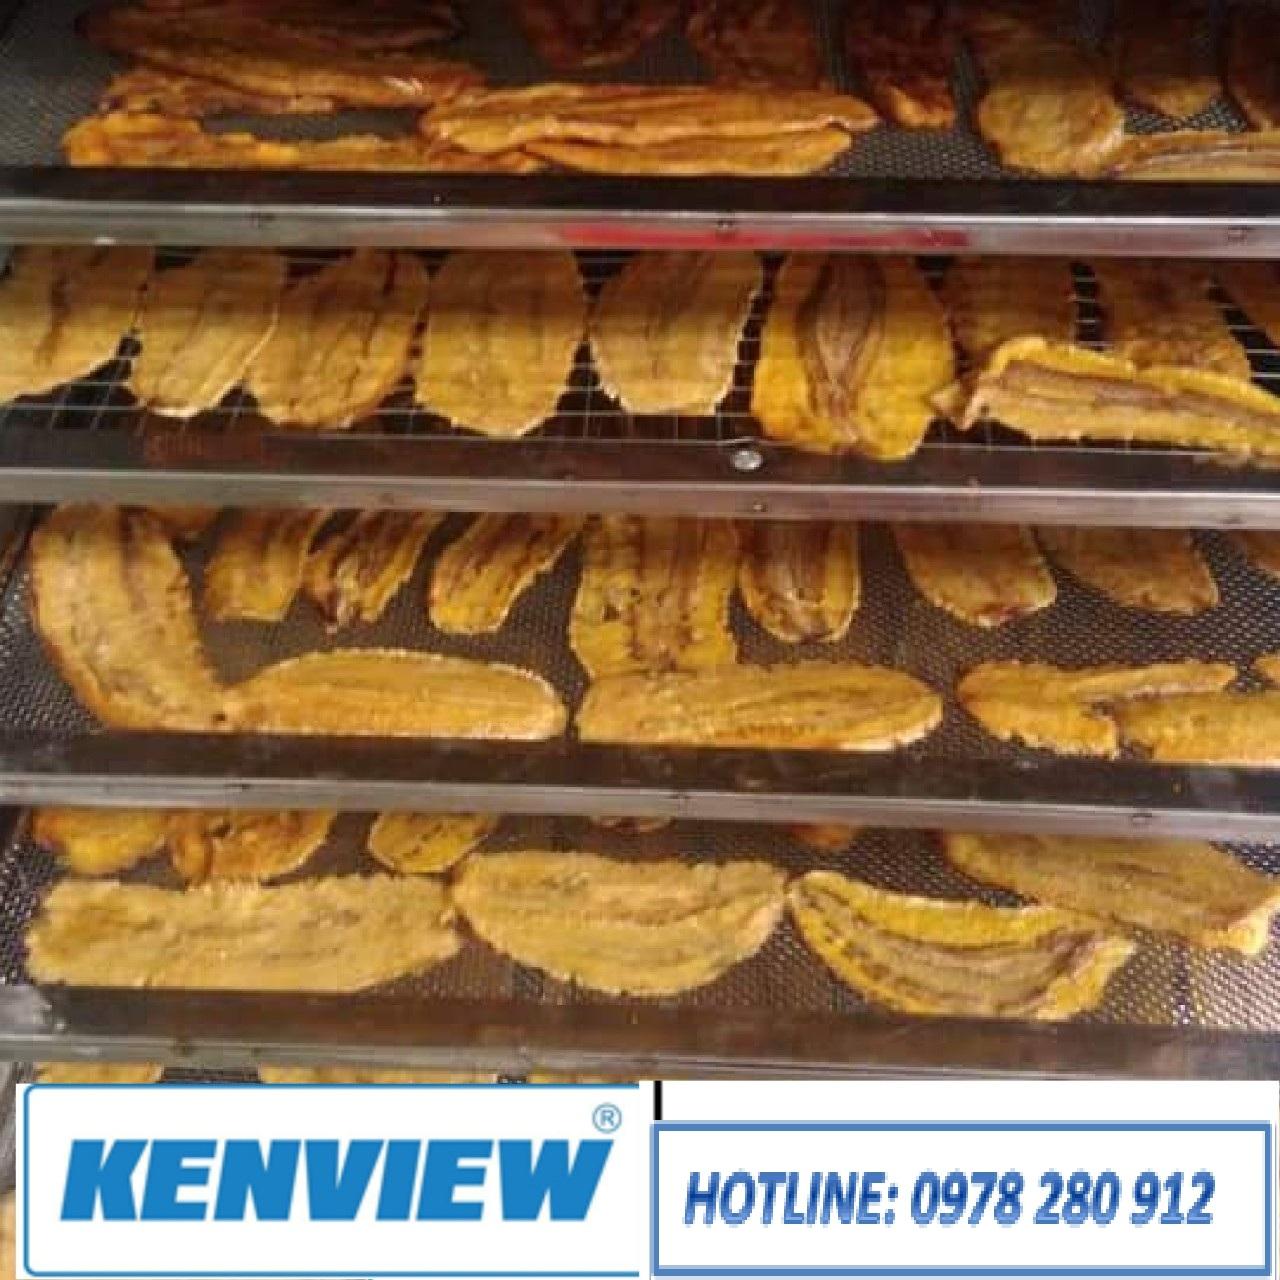 Máy sấy chuối dẻo, máy sấy hoa quả Kenview 0978 280 912